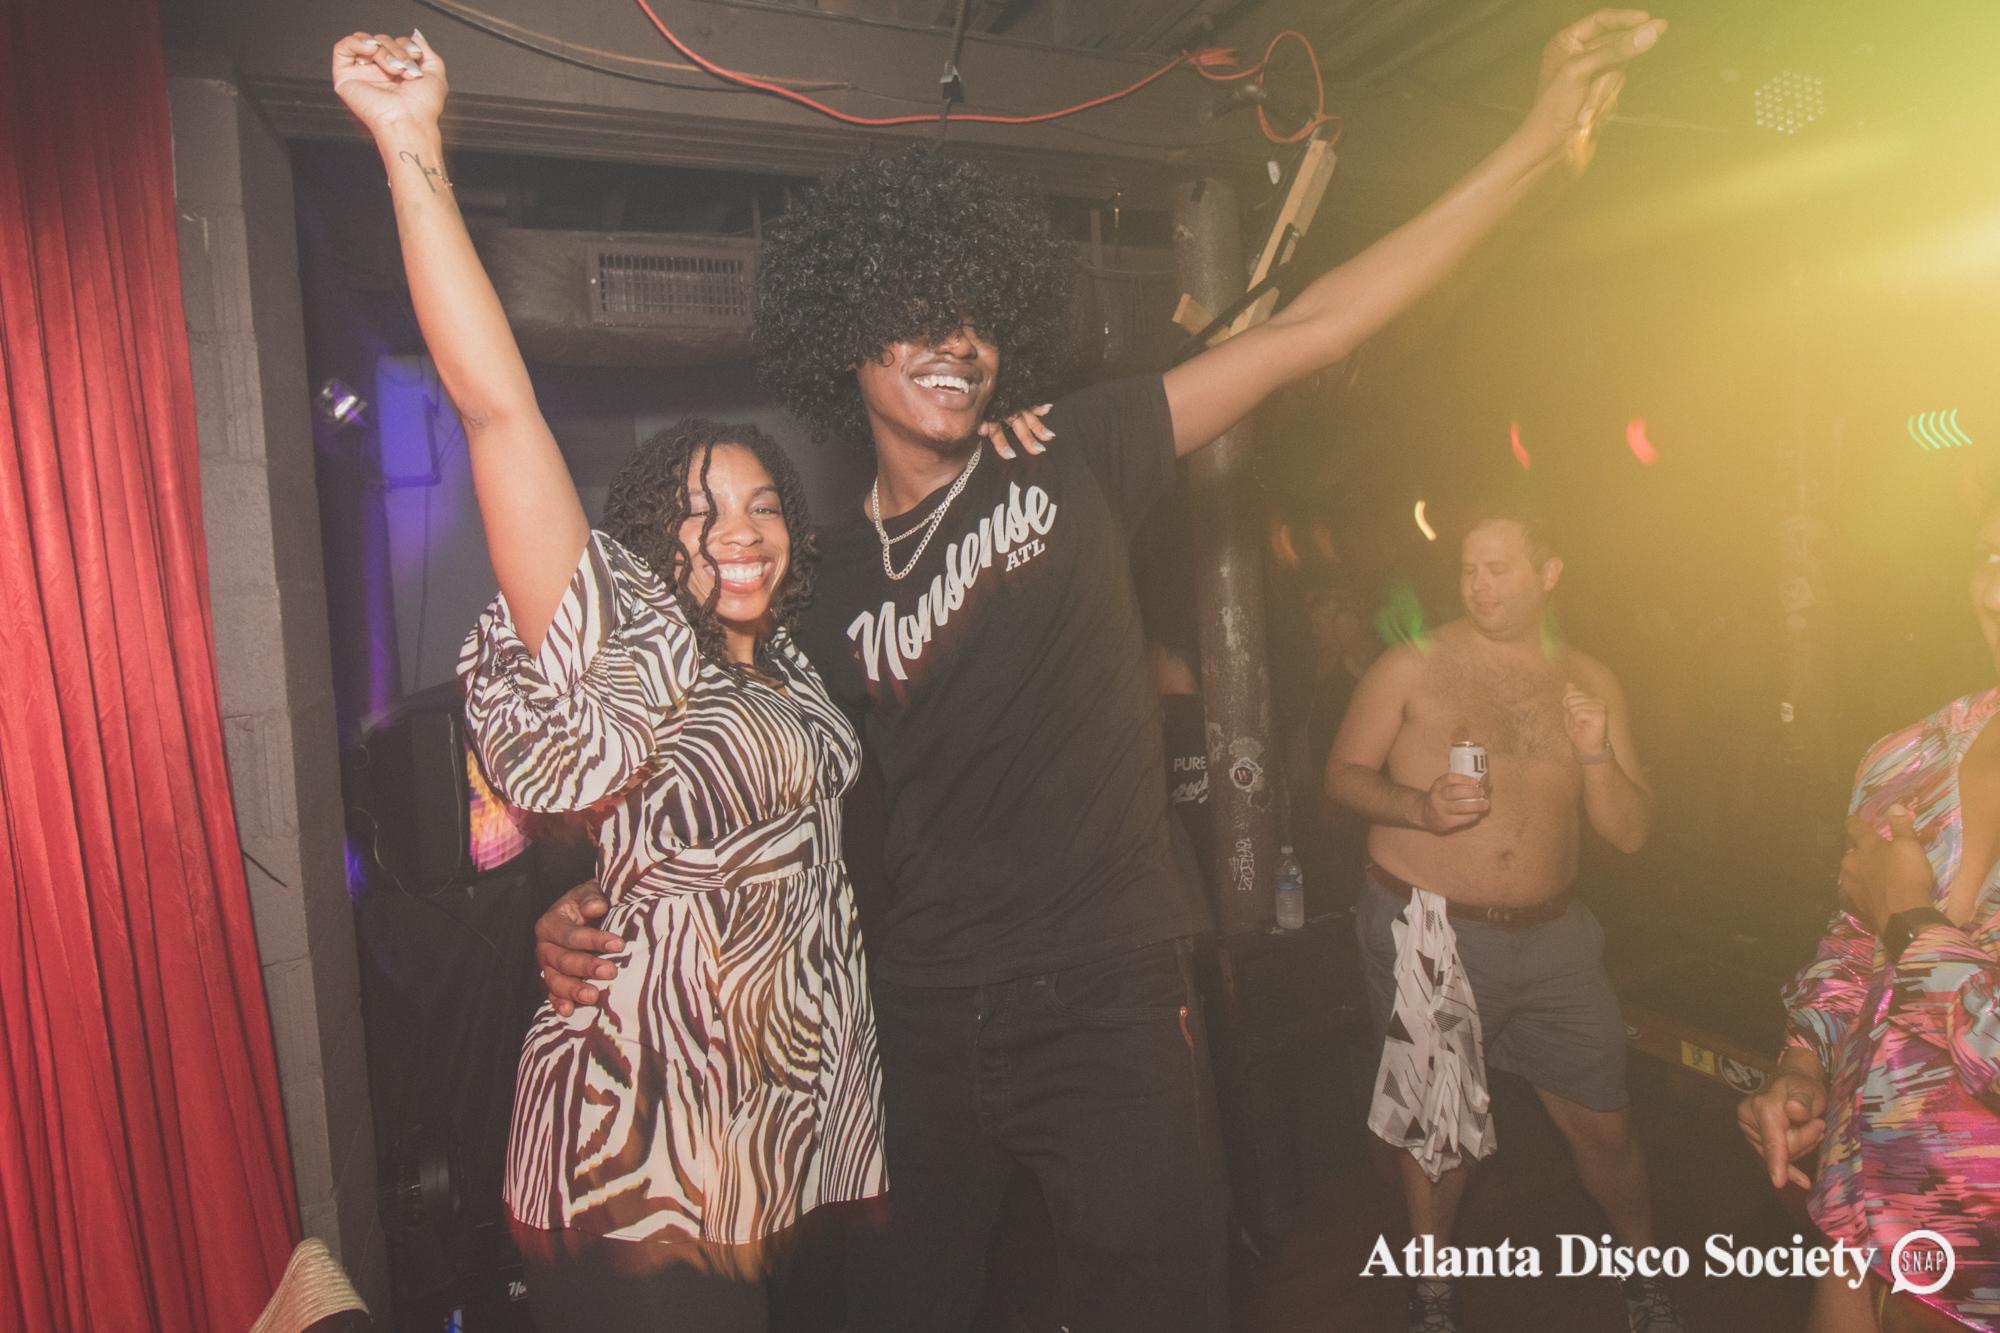 140Atlanta Disco Society Grace Kelly Oh Snap Kid 7.27.19.jpg